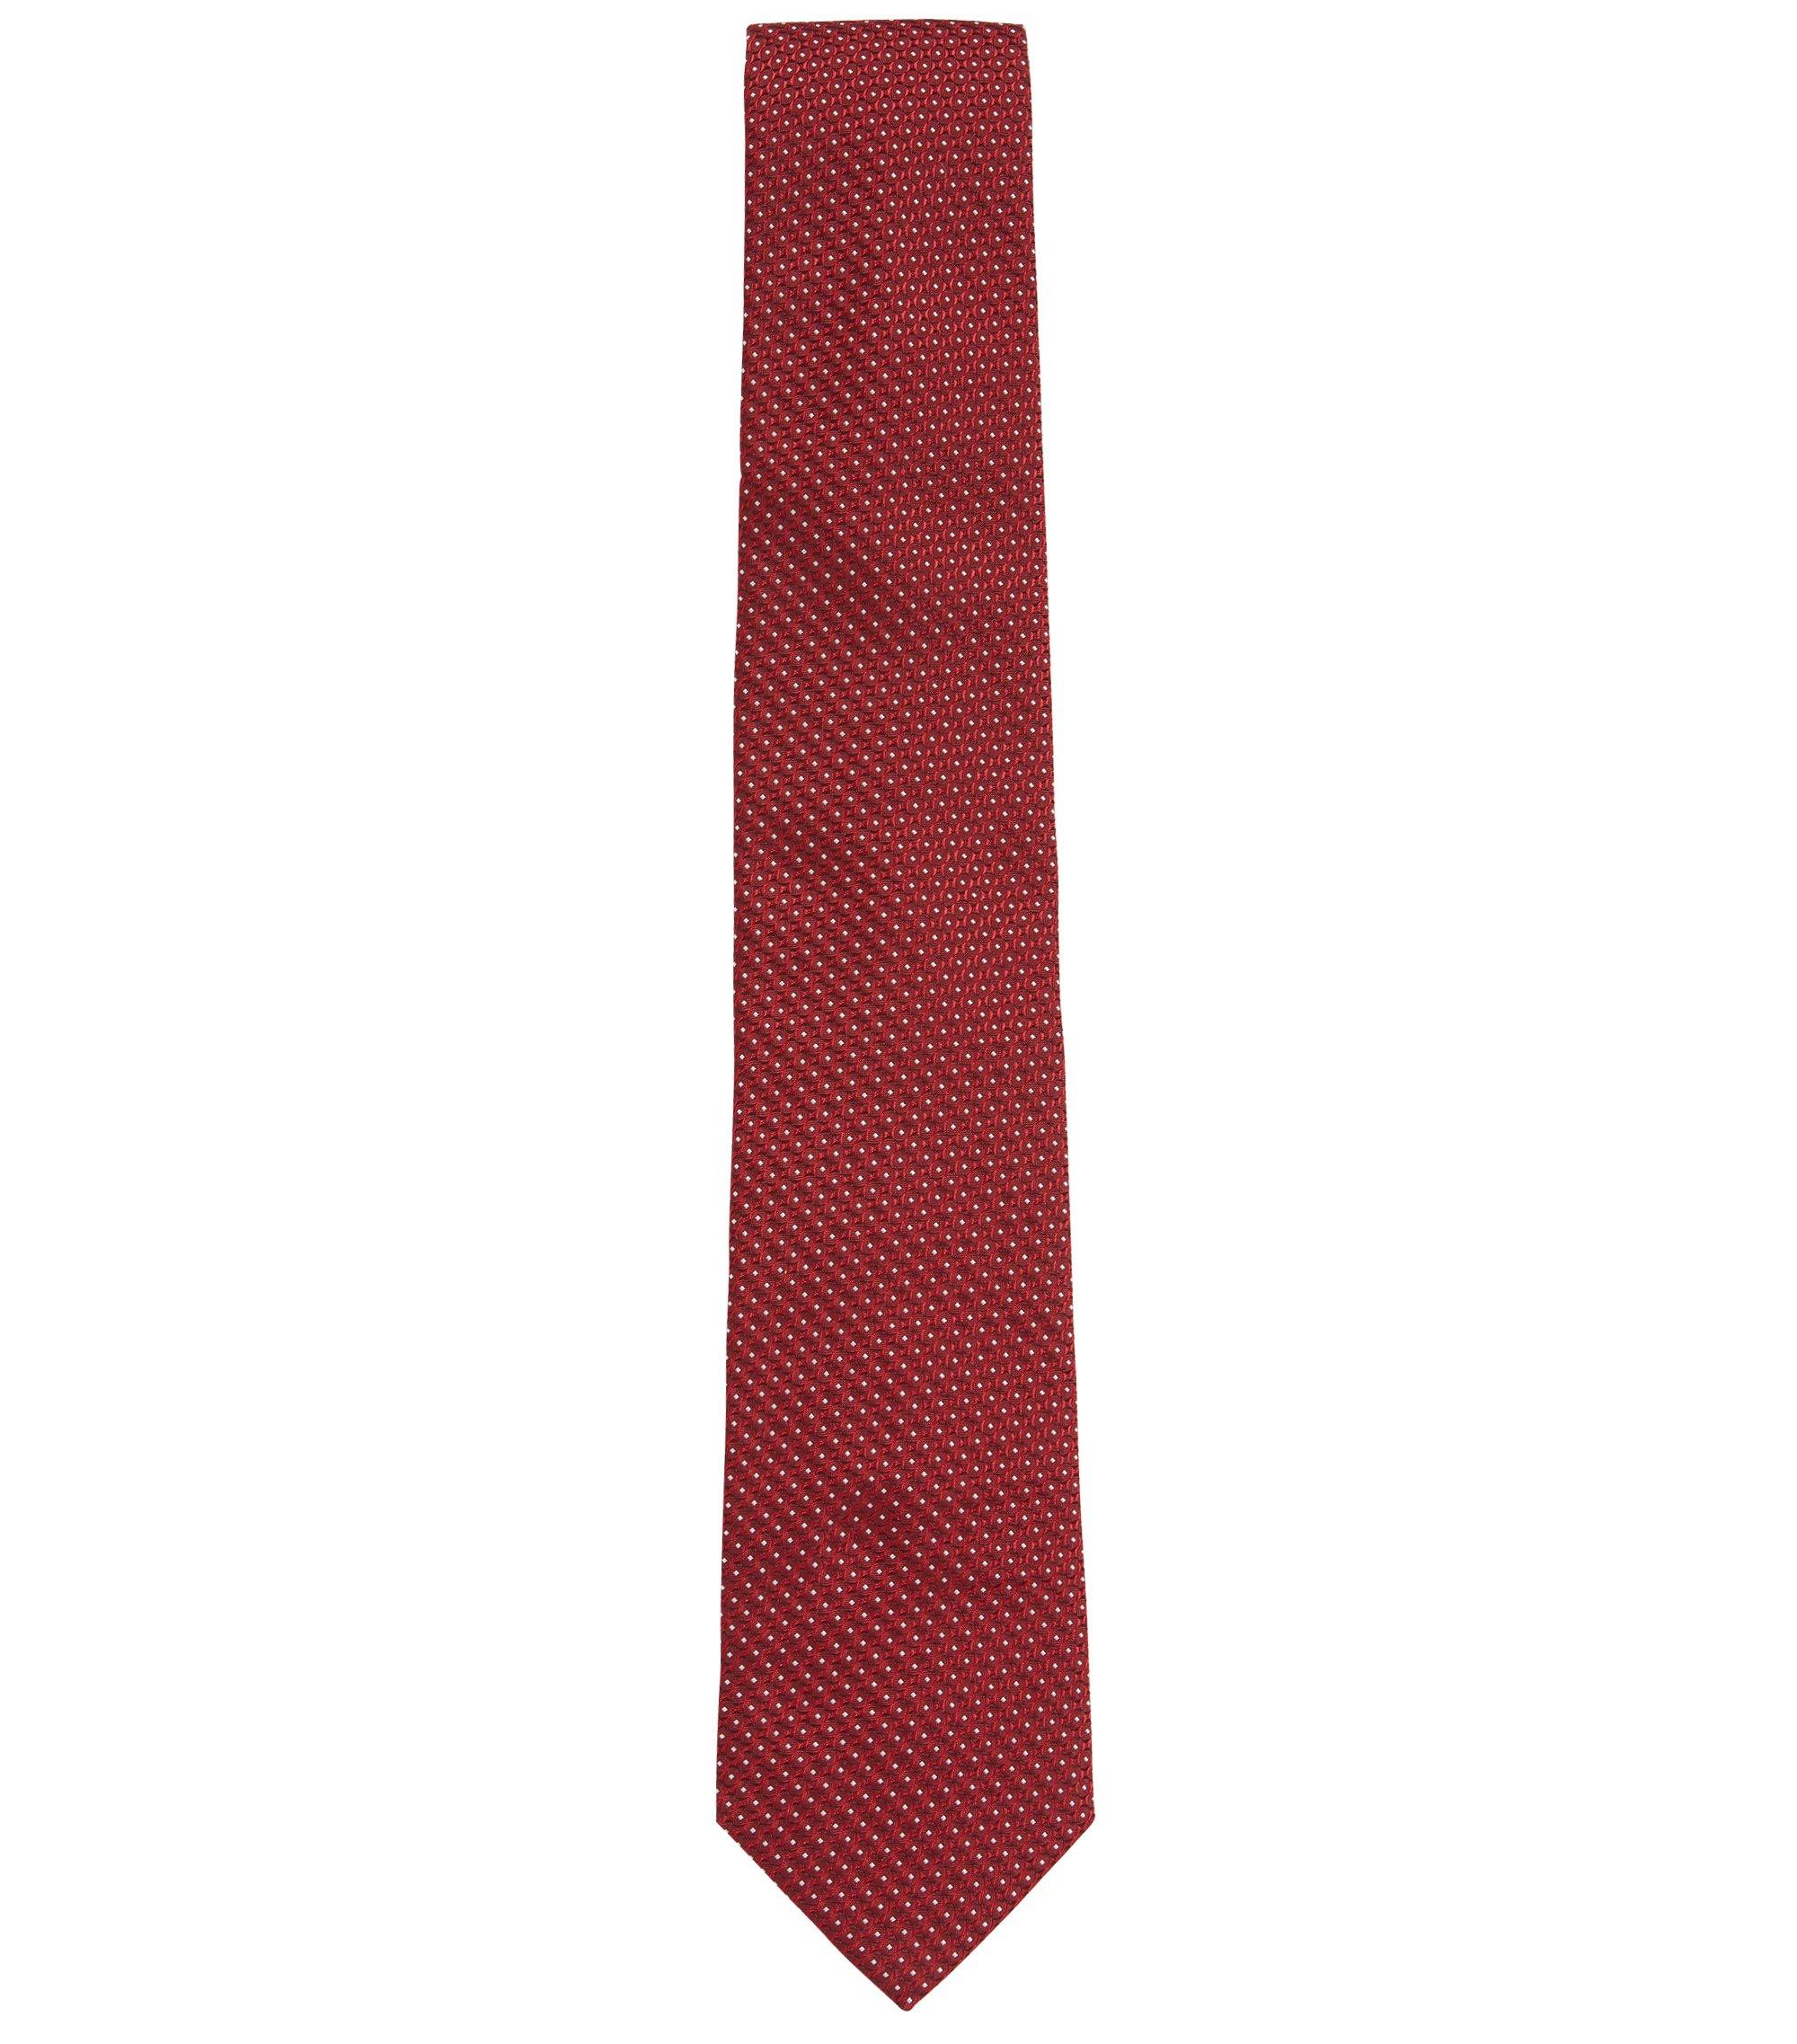 Cravate en jacquard de soie avec motif confectionnée en Italie, Rouge